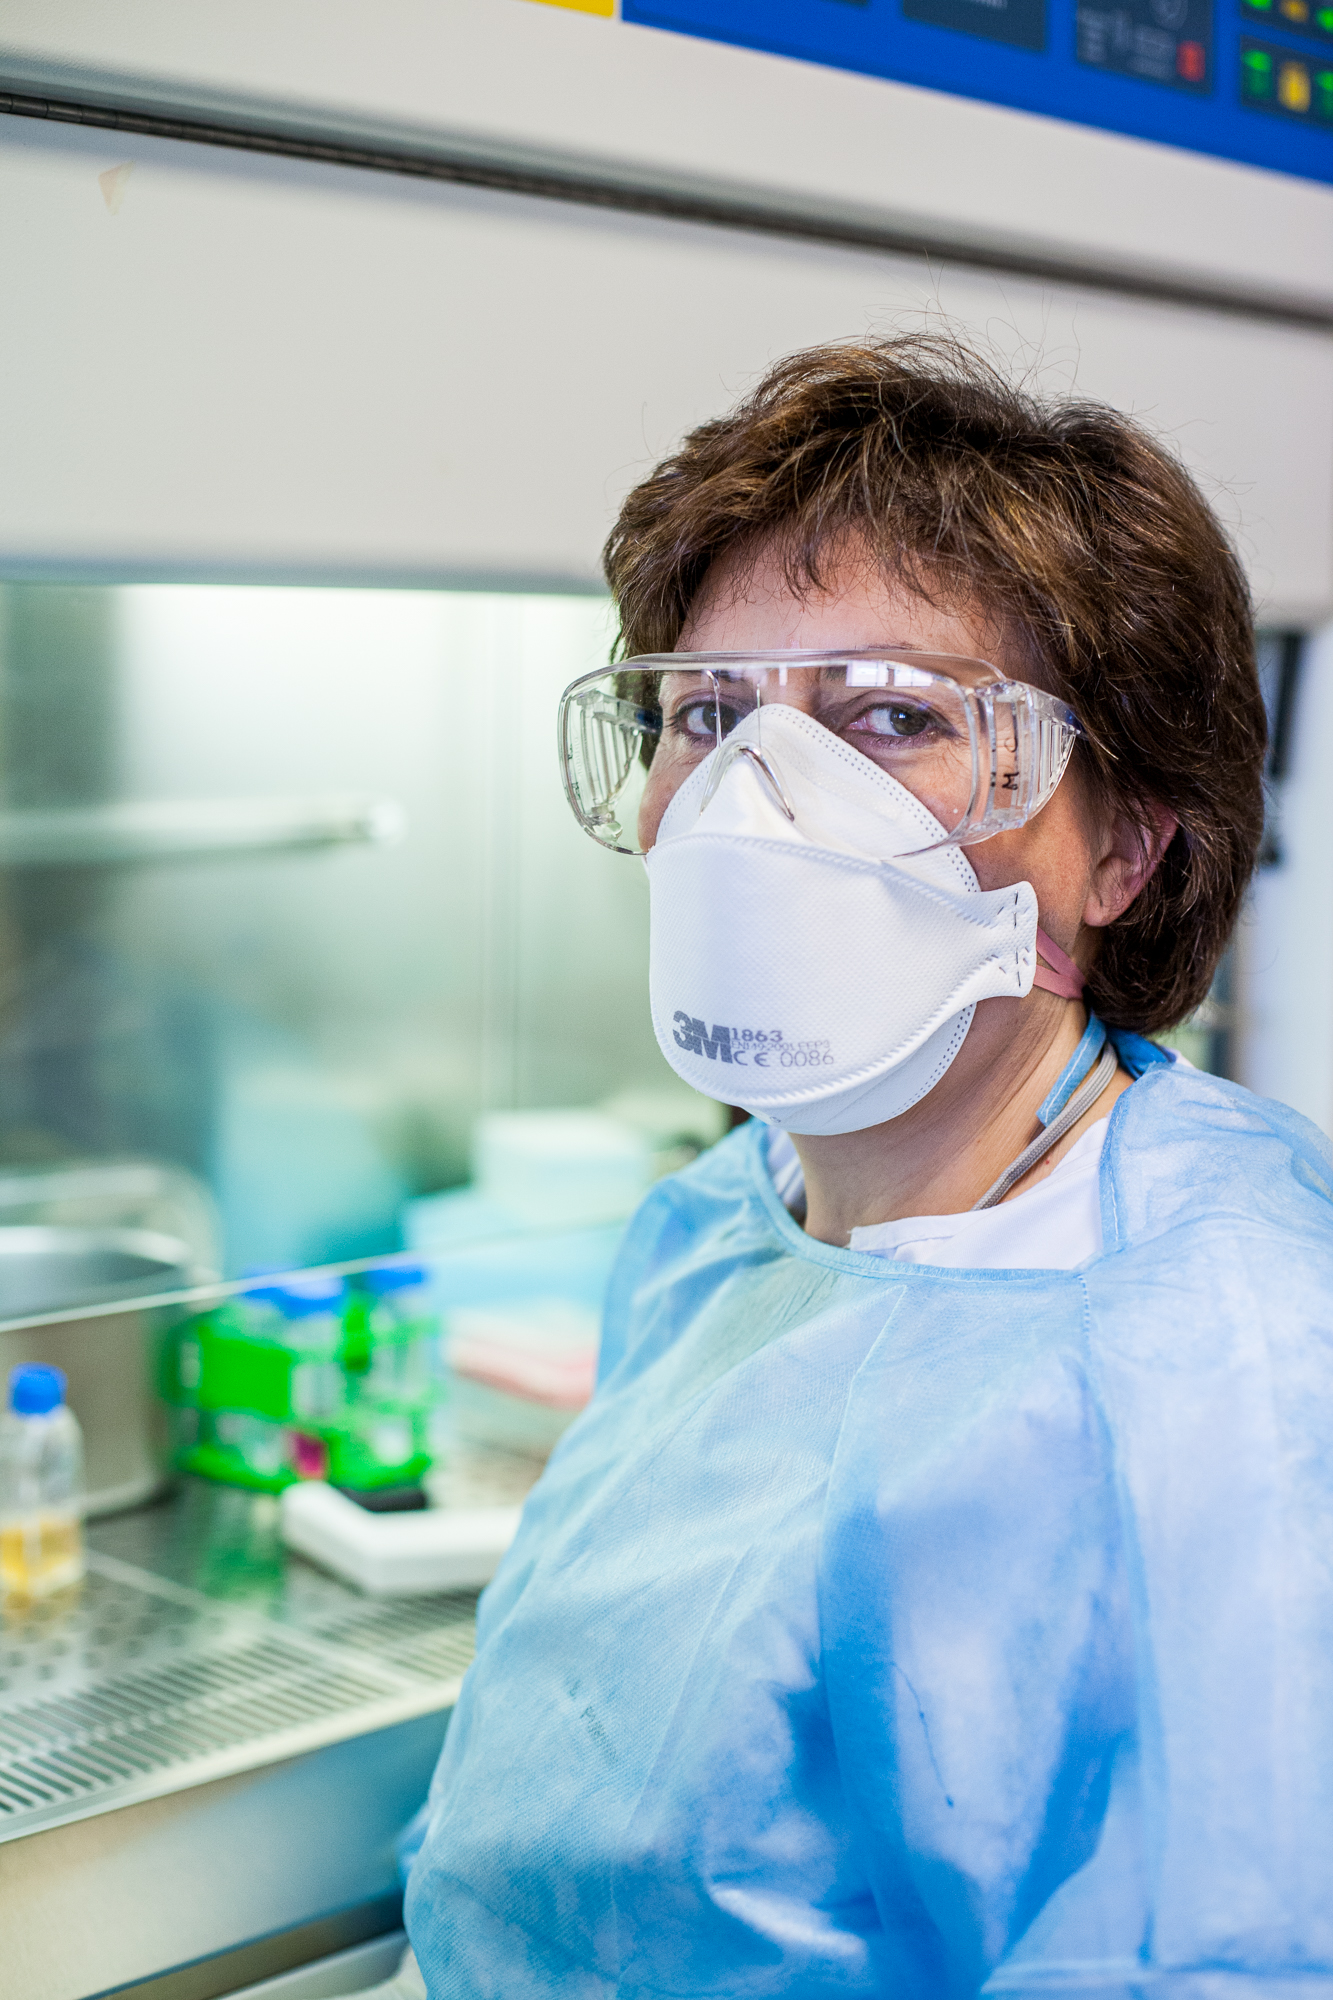 Laborantine équipé avec ses équipements de protection dans son laboratoire P4